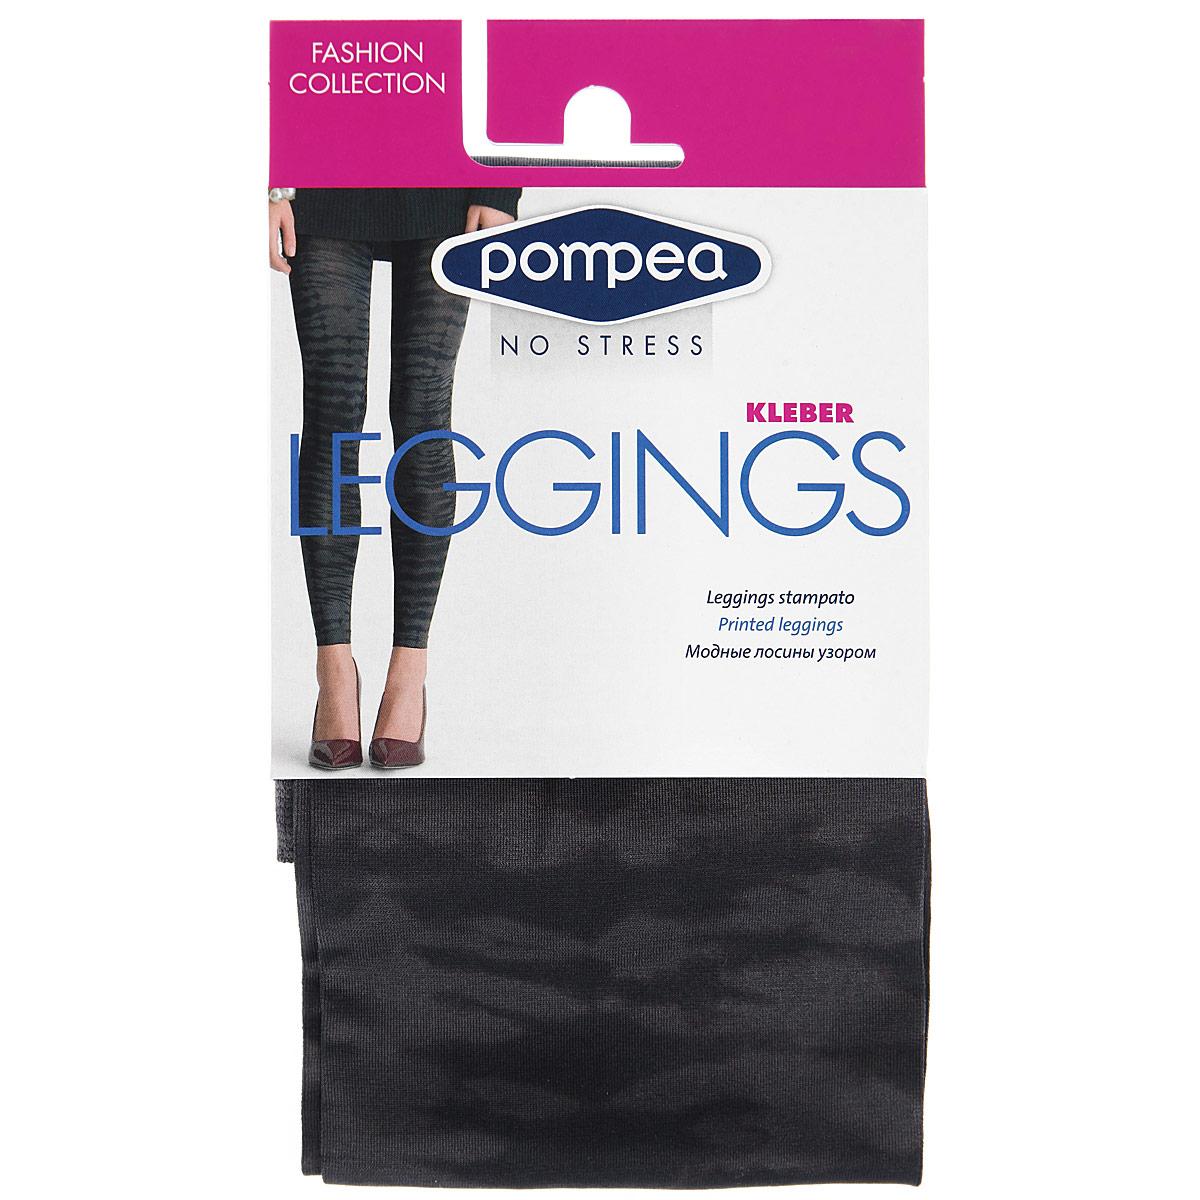 Леггинсы90768958 AnimalМодные женские леггинсы Pompea Kleber Fashion изготовлены из эластичного материала. Леггинсы на талии имеют широкую уплотненную мягкую резинку. Модель обтягивающего силуэта выгодно подчеркнет достоинства вашей фигуры. Такие леггинсы вы можете носить с туникой, длинной футболкой или майкой. Они послужат отличным дополнением к вашему гардеробу, в них вы будете чувствовать себя комфортно и уютно.